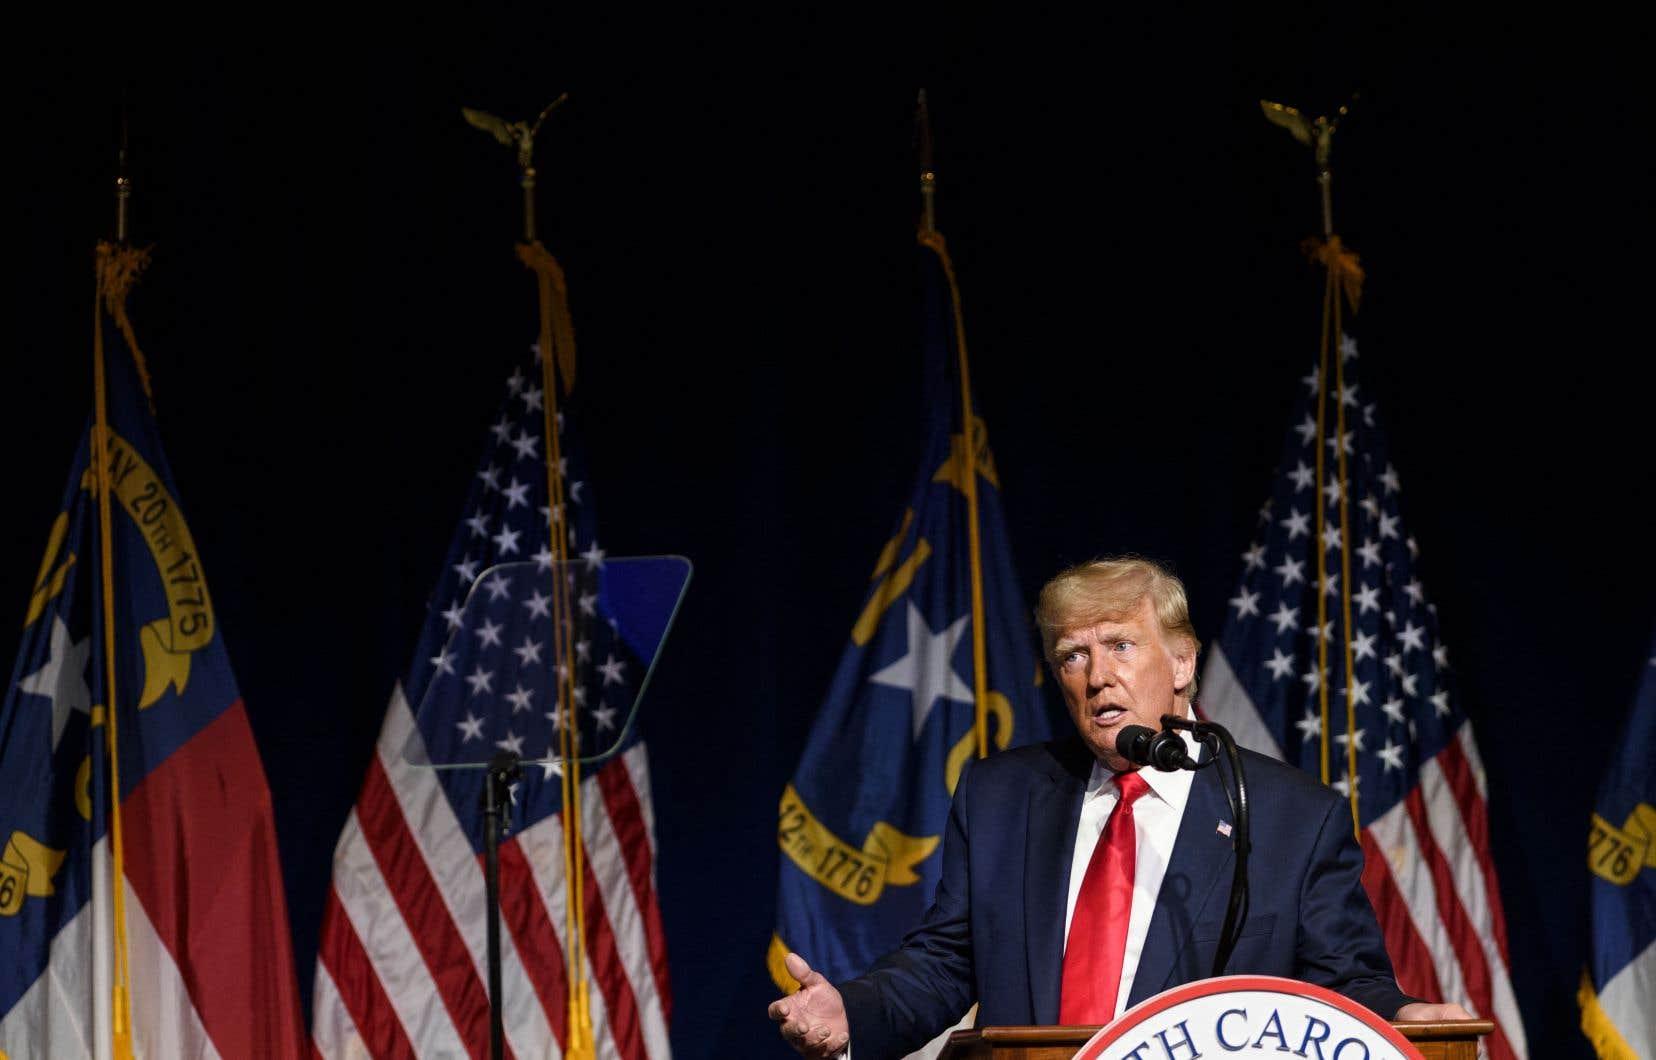 Contrairement aux énormes rassemblements, alors qu'il remplissait des arènes sportives lorsqu'il était président, Donald Trump a affronté une foule de plusieurs centaines de républicains de Caroline du Nord.